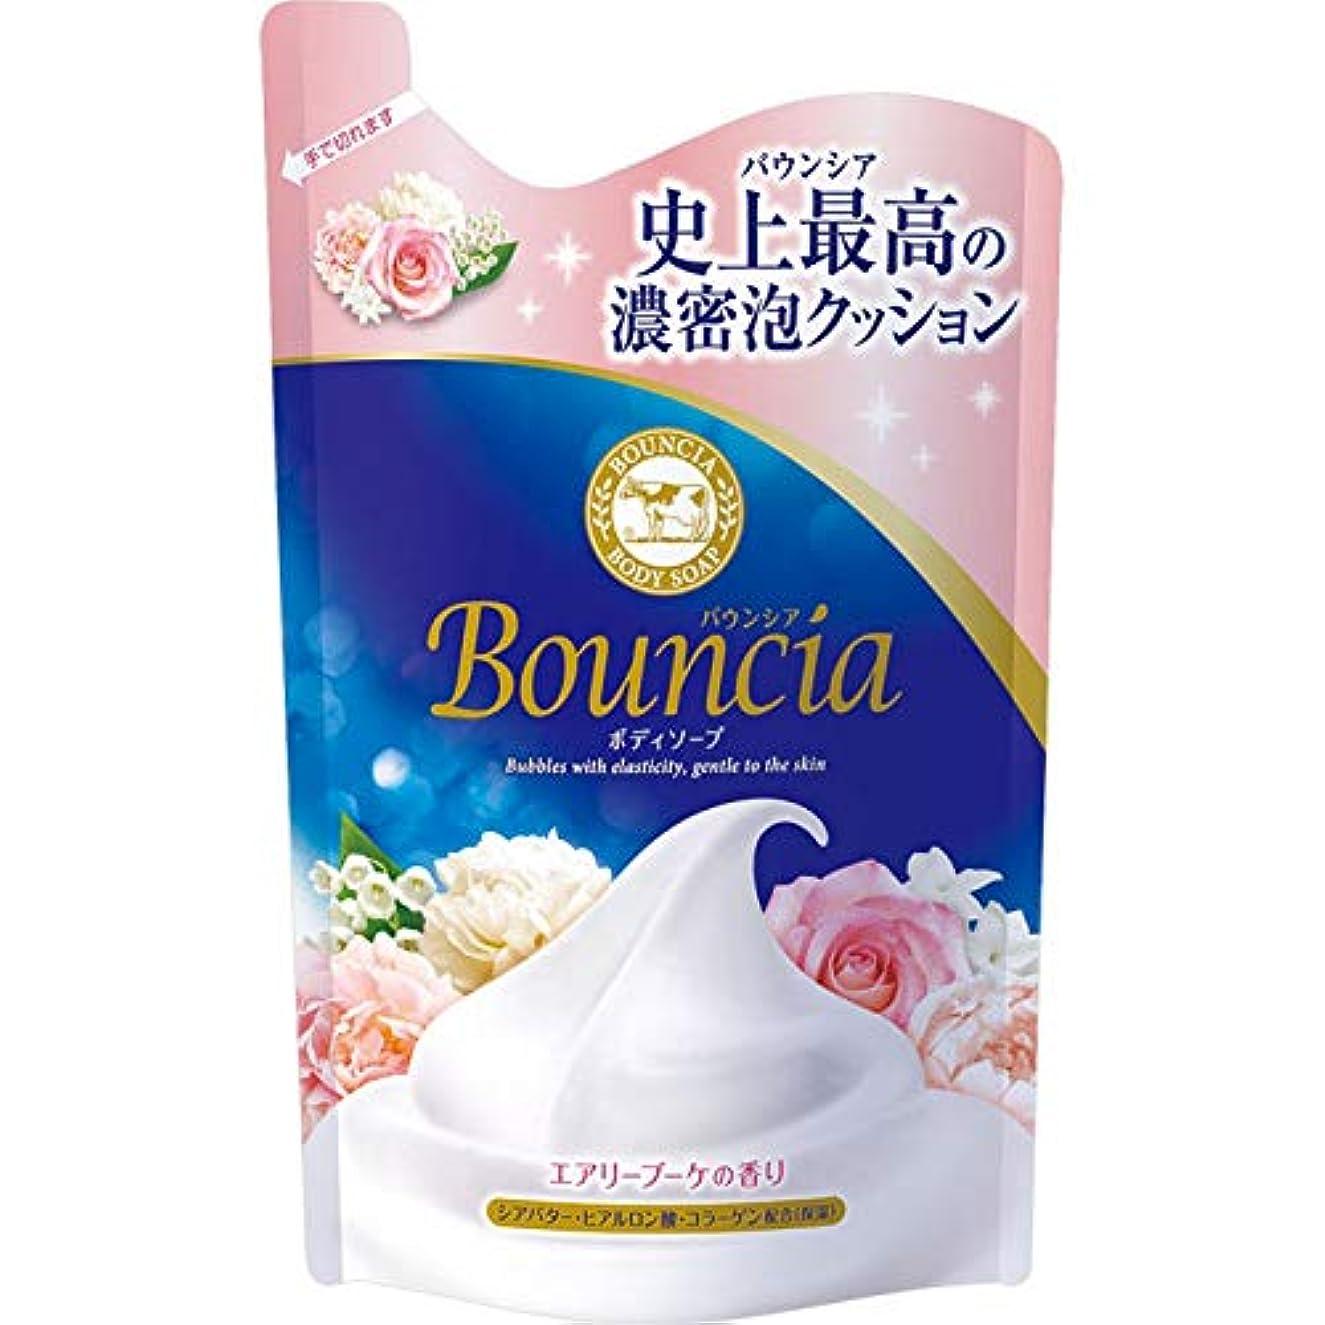 新鮮なミリメートル頭バウンシアボディソープ エアリーブーケの香り 詰替用?400mL × 7個セット